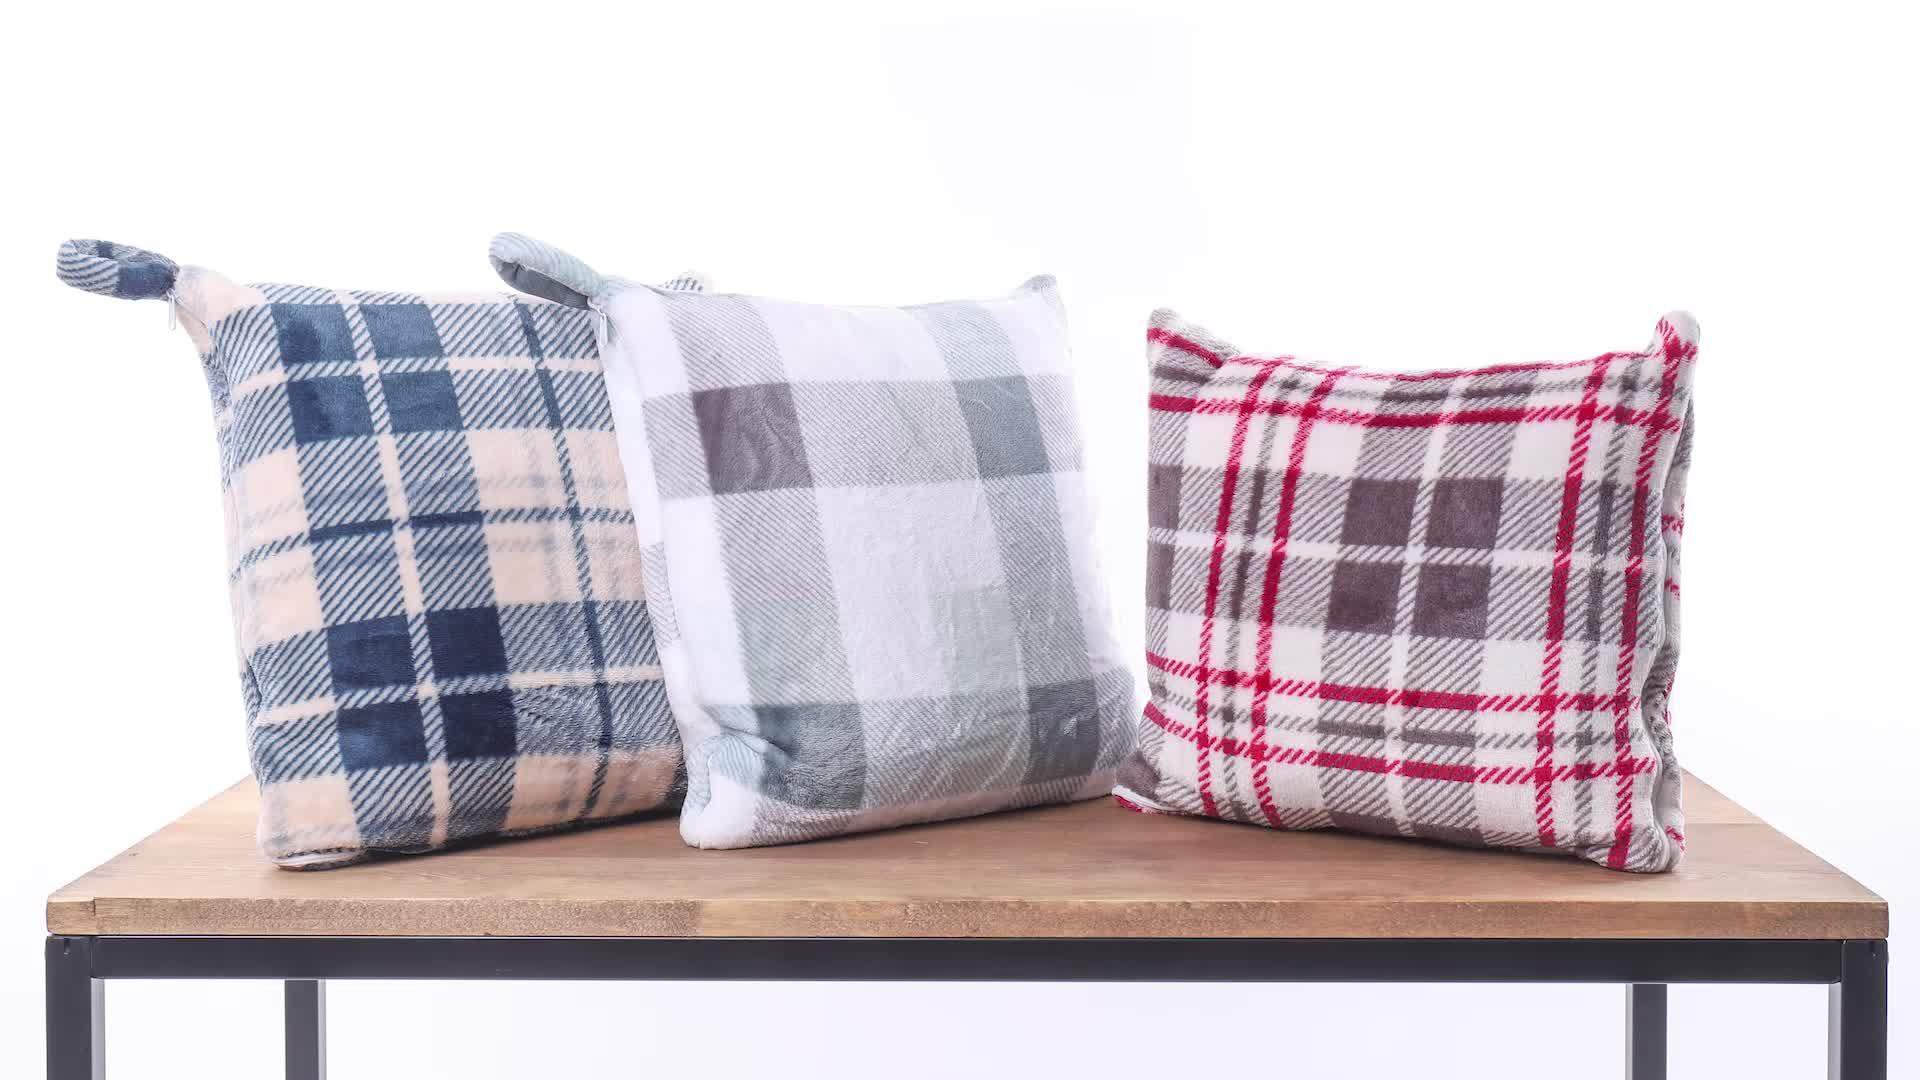 卸売 100% ポリエステルフリーススロー枕毛布正方形クッションブランケット